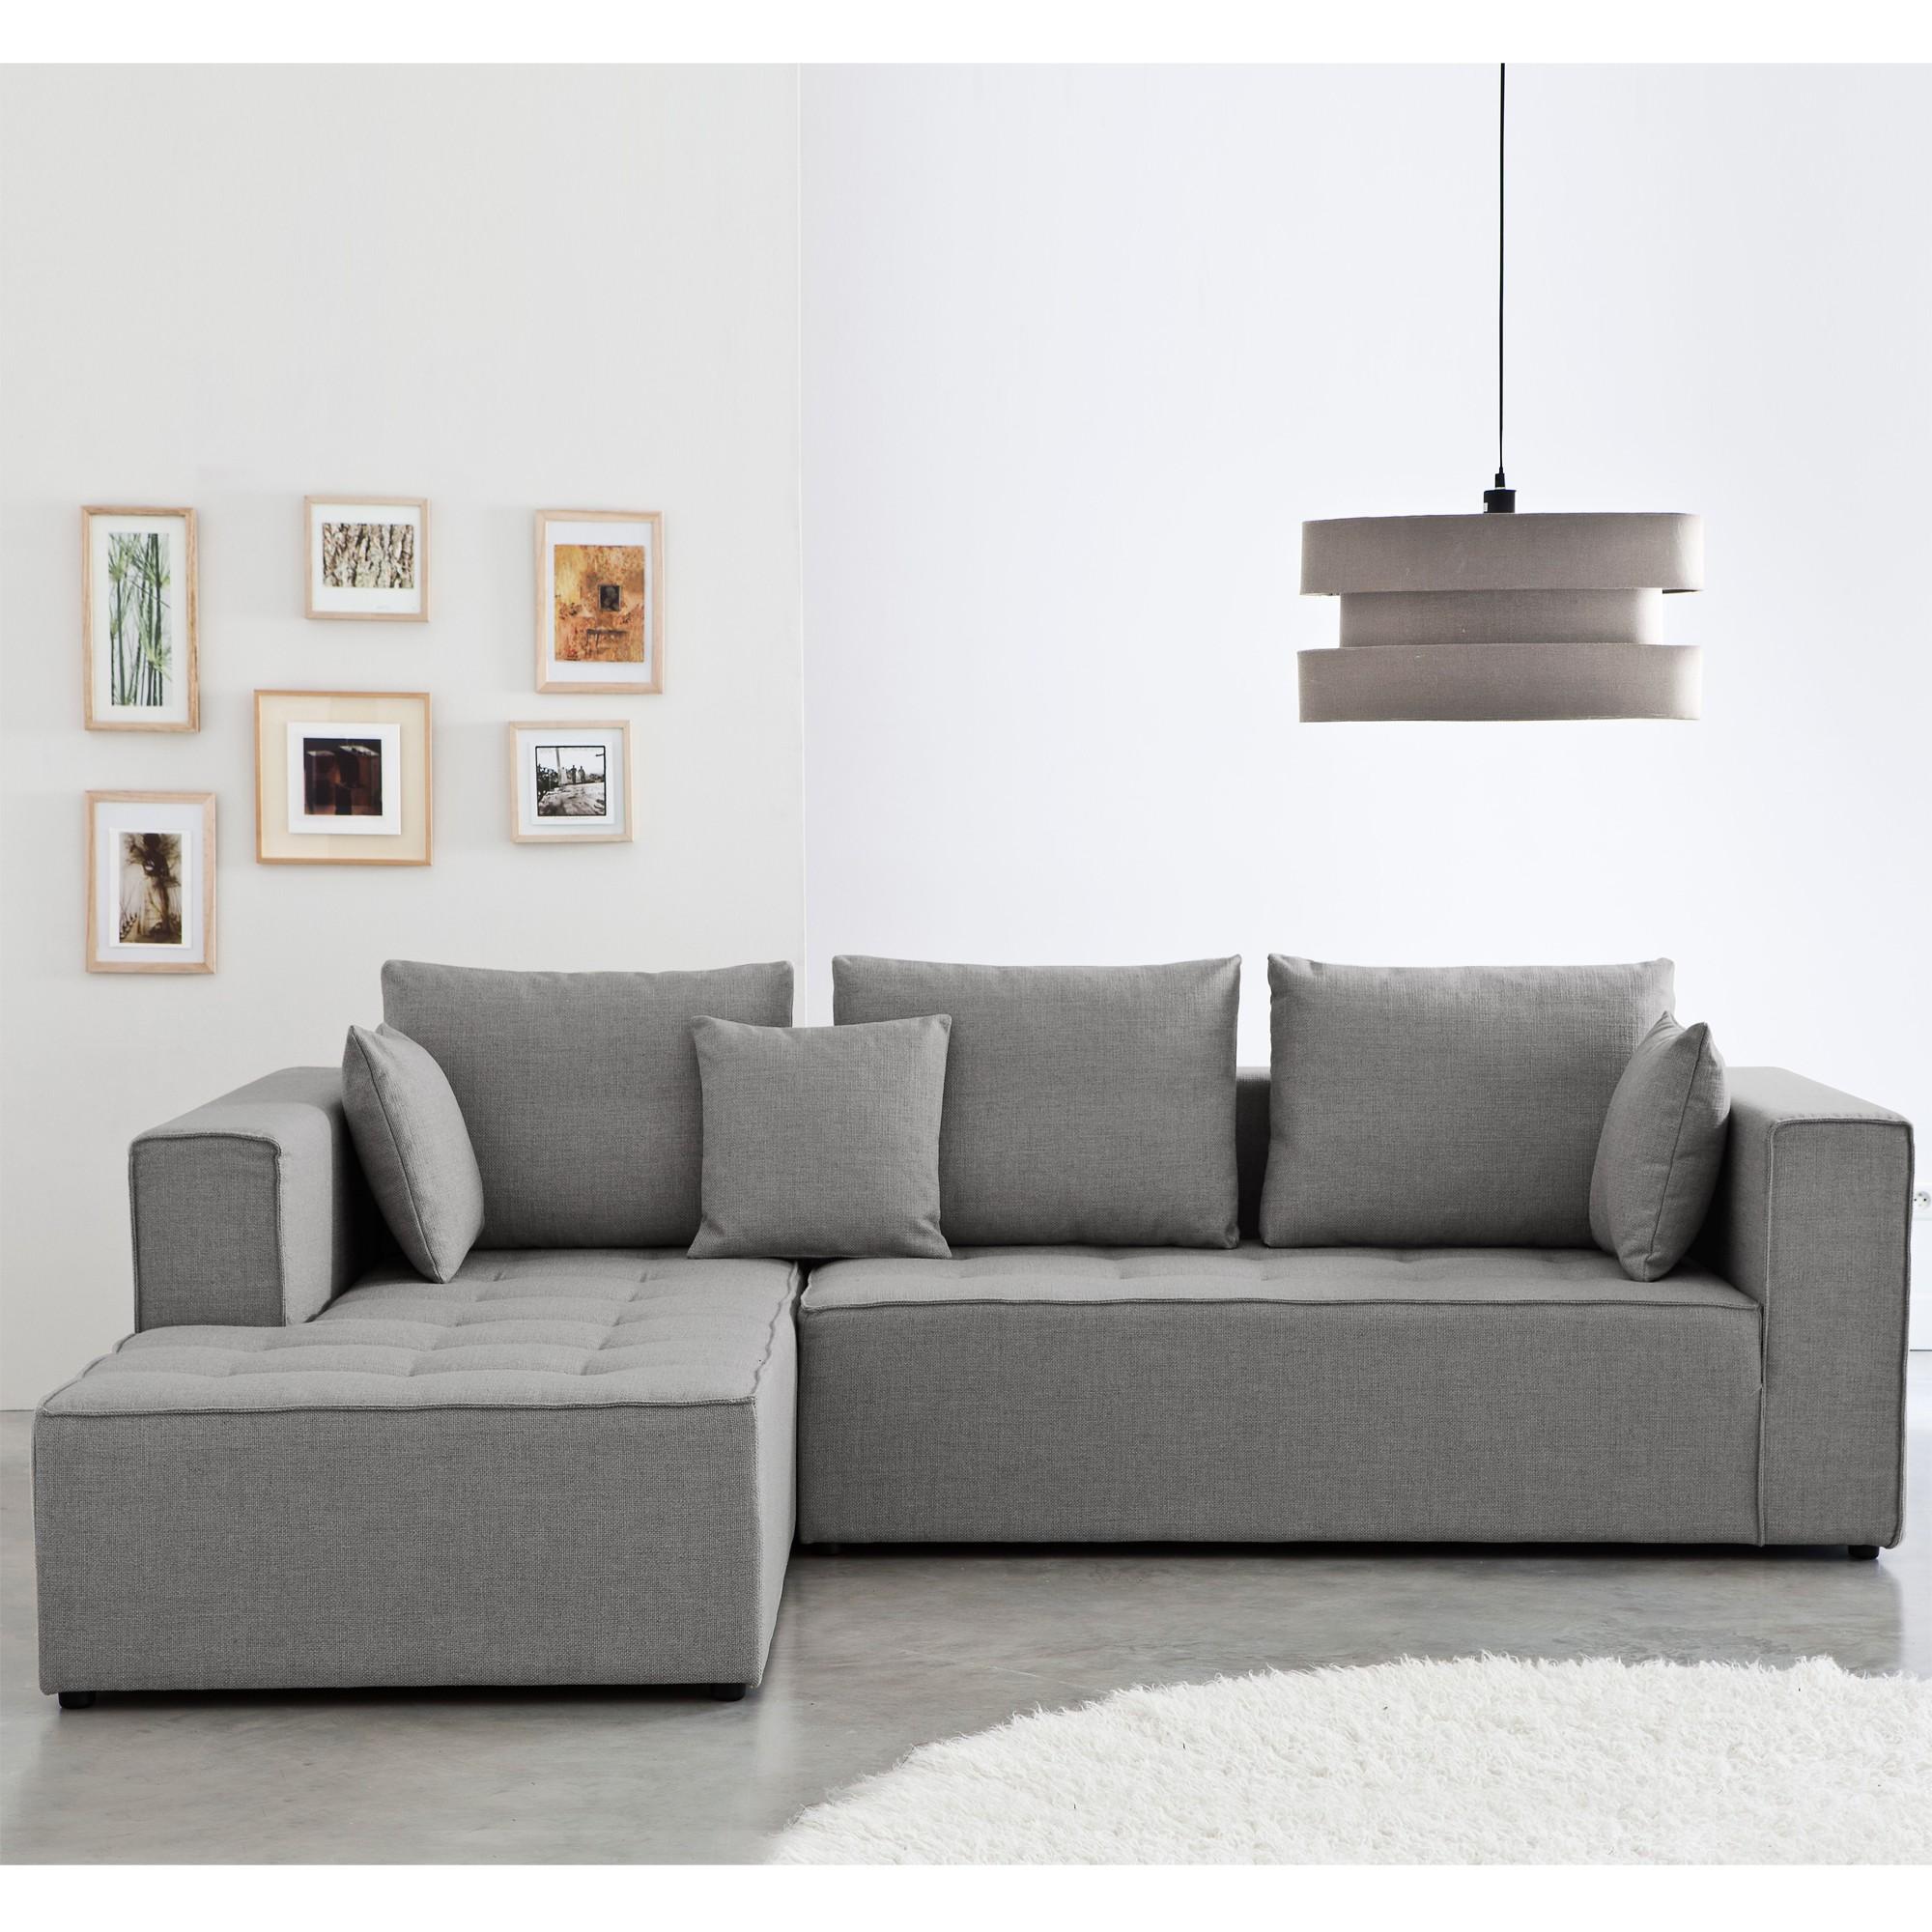 Canapé D'angle Convertible Petite Dimension